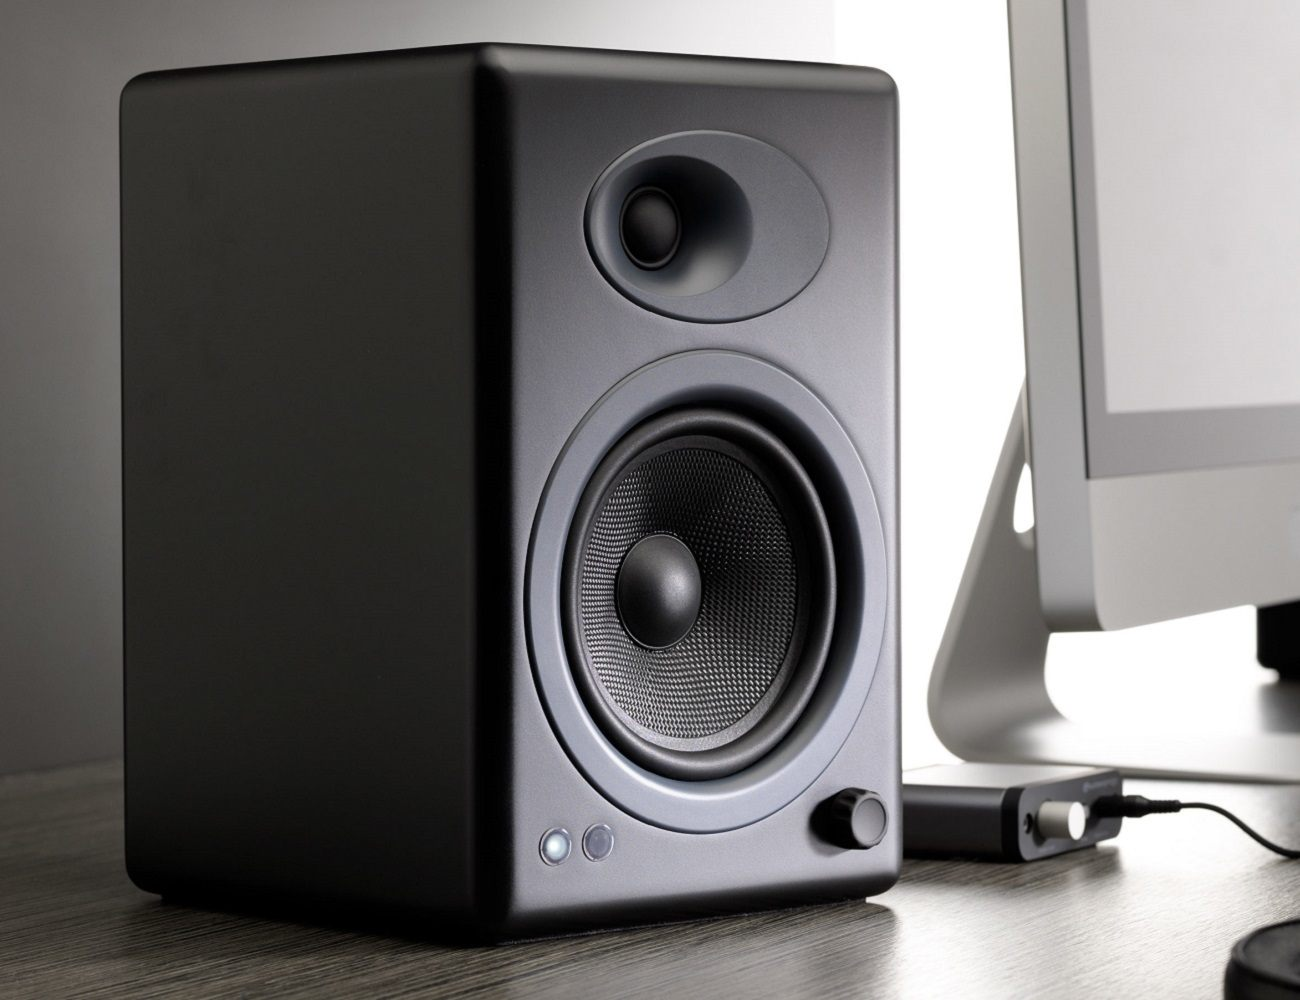 AudioEngine A5 Speakers